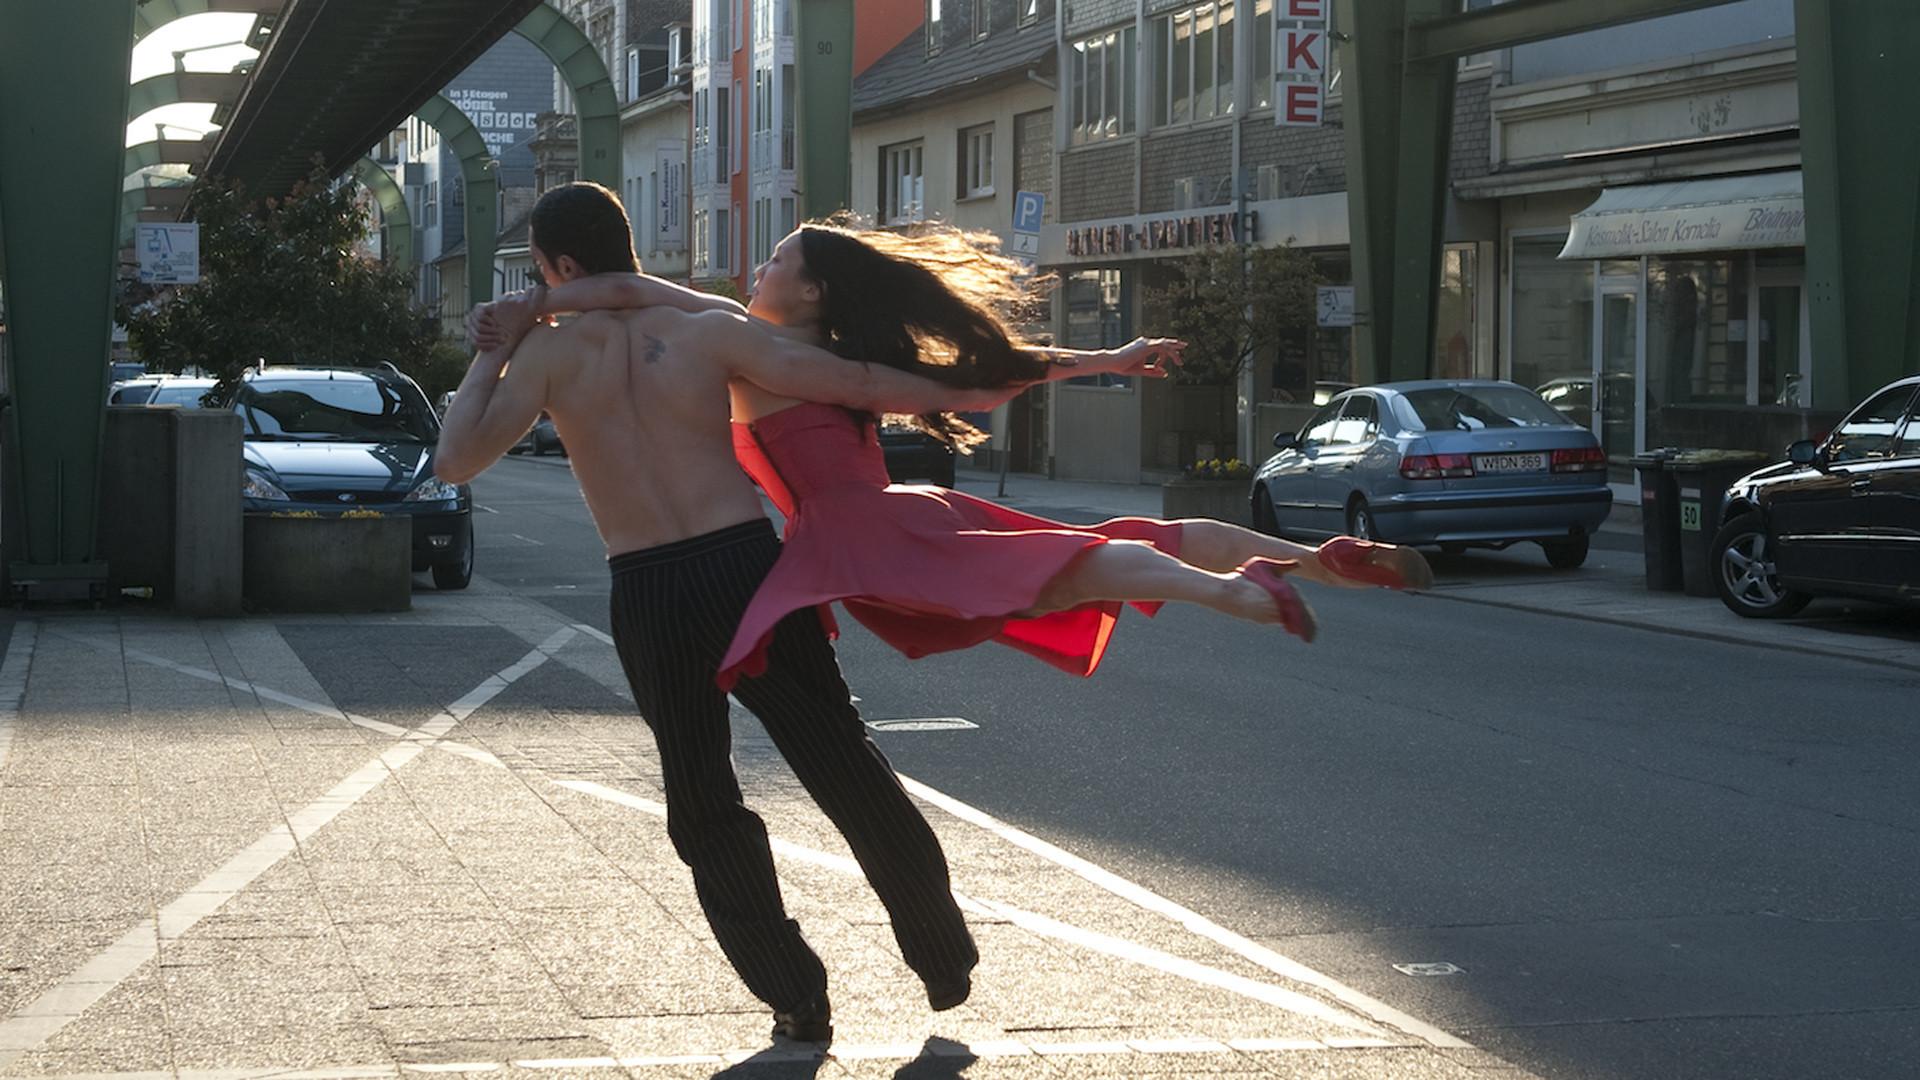 Пина: Танец страсти смотреть фото